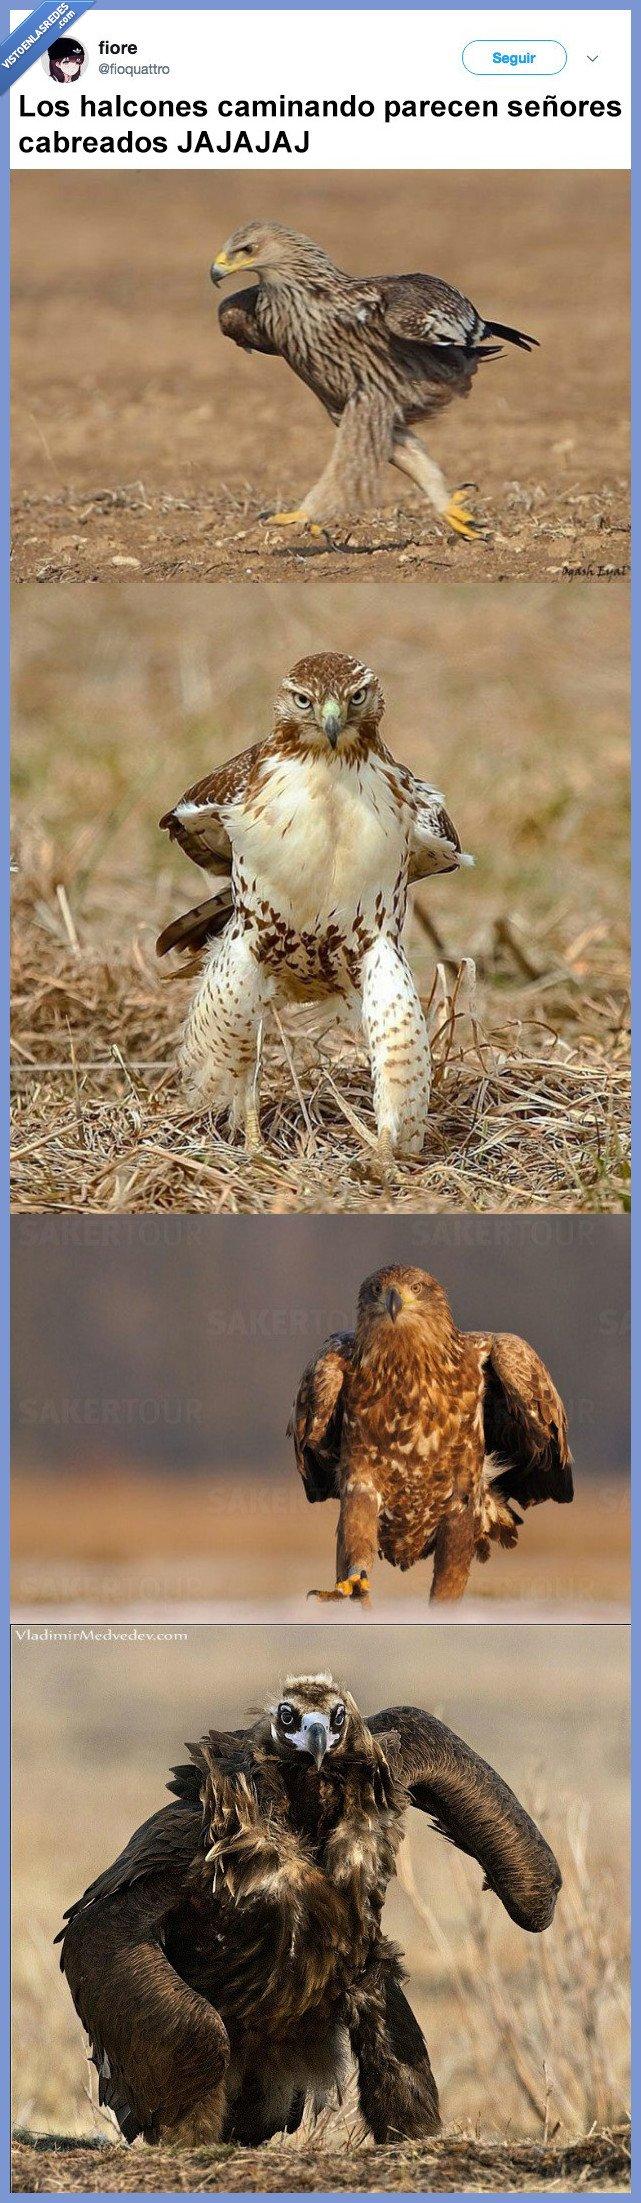 enfadados,halcones,pueden